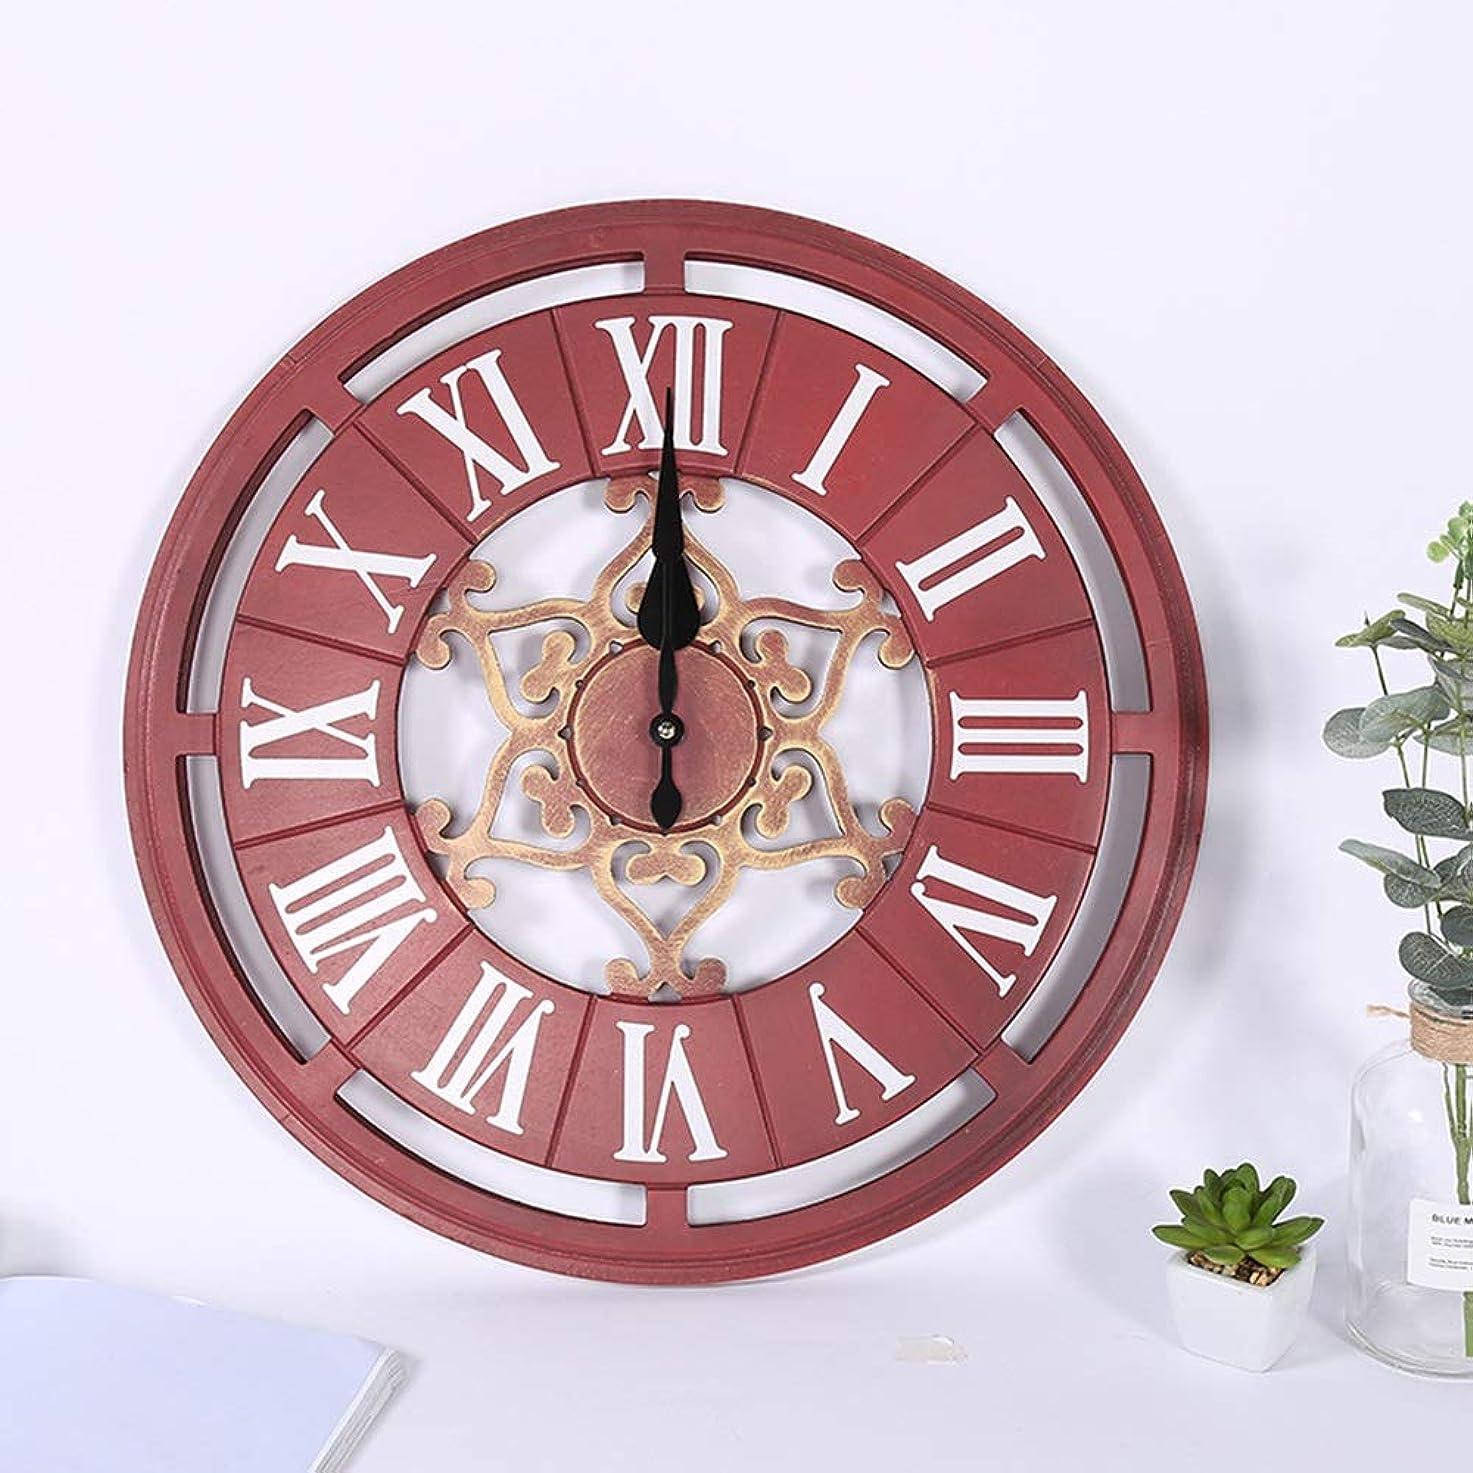 ホールドオール優雅なメガロポリスWsw ヨーロッパレトロラウンド古いローマ数字壁掛け時計ホームリビングルームの寝室レストランミュートノンチックMDF装飾的な装飾品壁掛け時計50 * 50 Cm ファッション